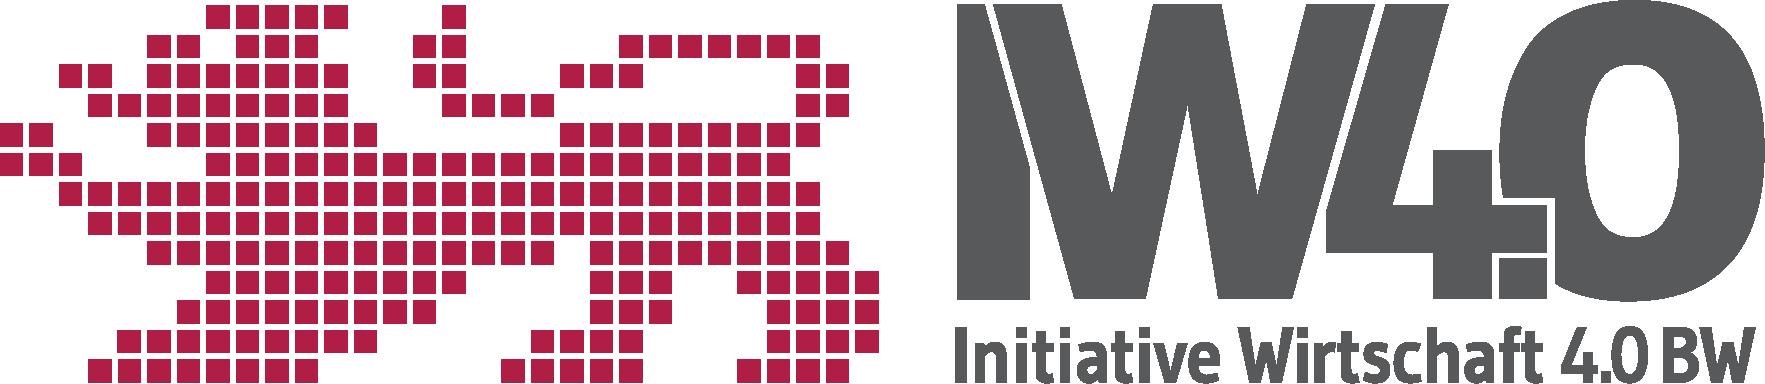 Initiative Wirtschaft 4.0 BW